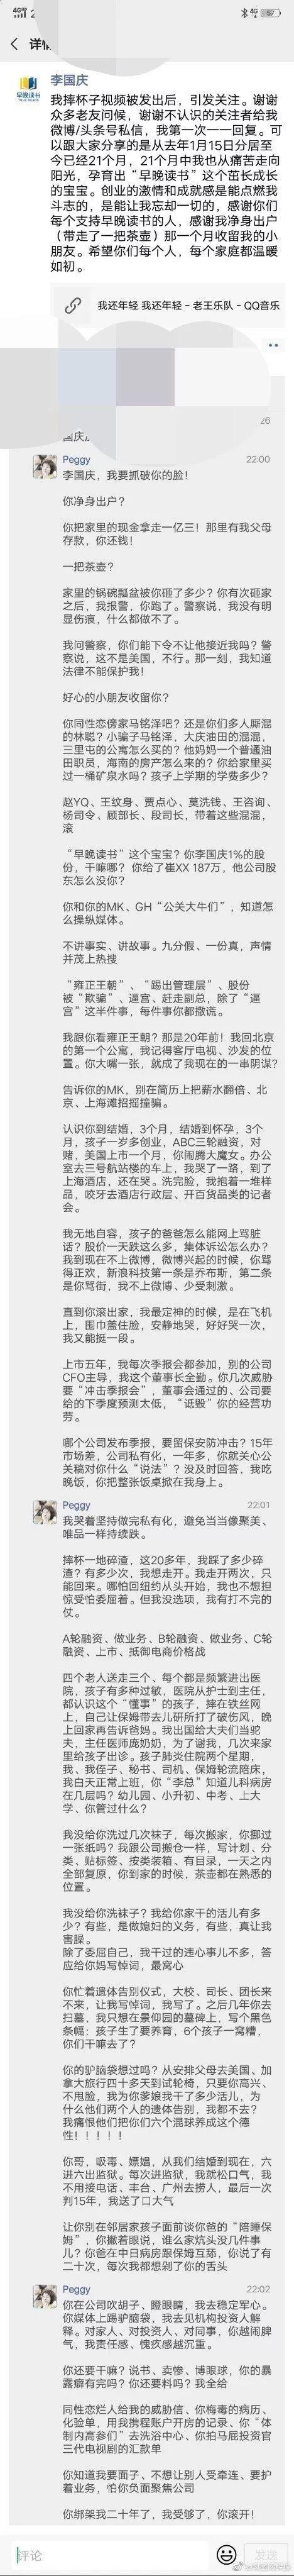 御匾会开户娱乐网-国家发改委:推动债转股实施机构做企业的积极股东